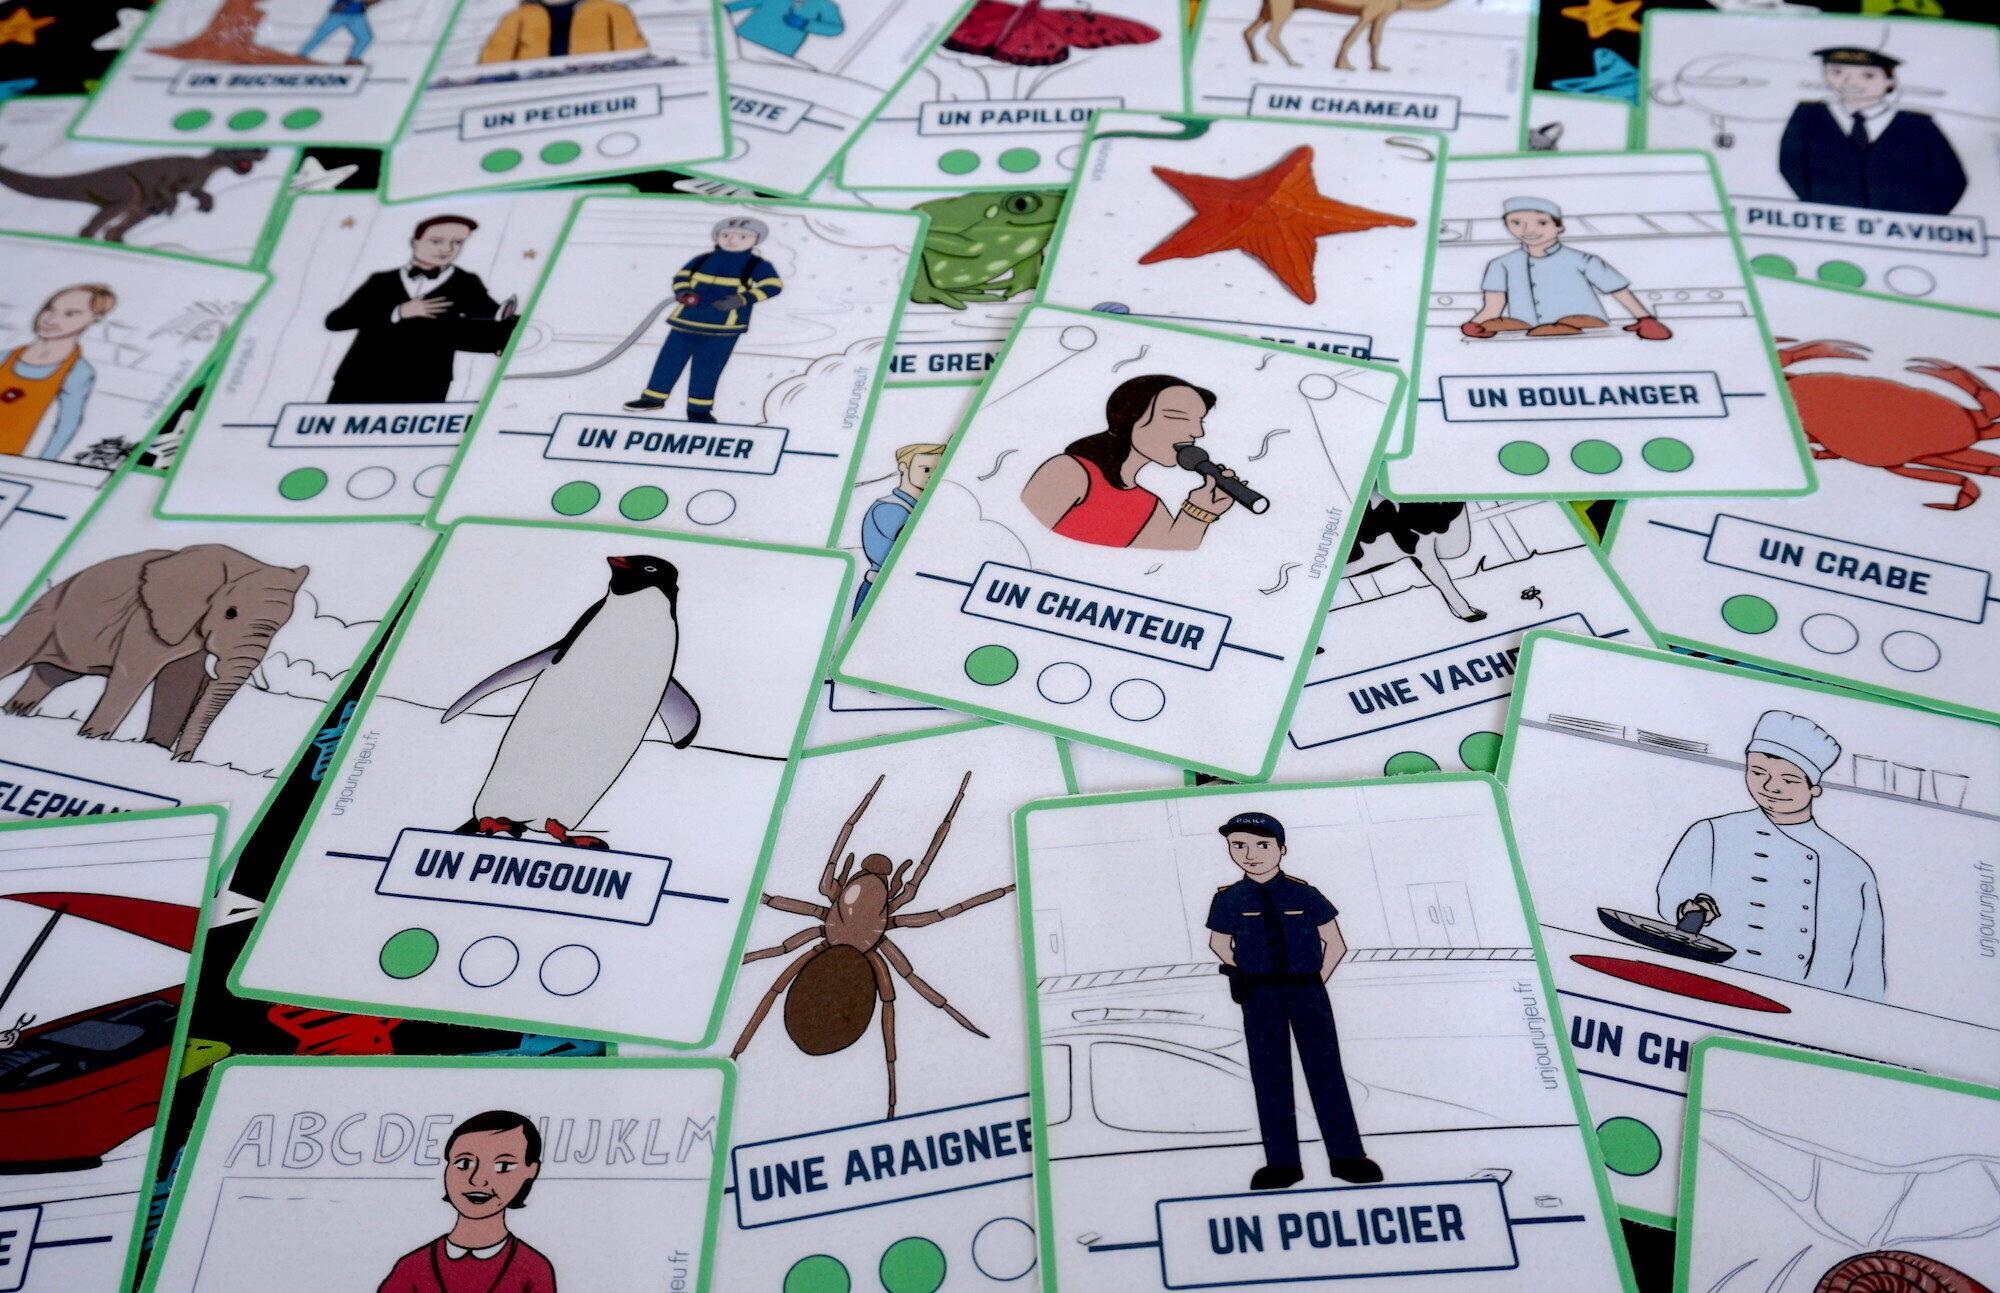 Idée De Jeux En Famille Pour Noel kidi'mime : un jeu de mimes et d'action à imprimer gratuitement